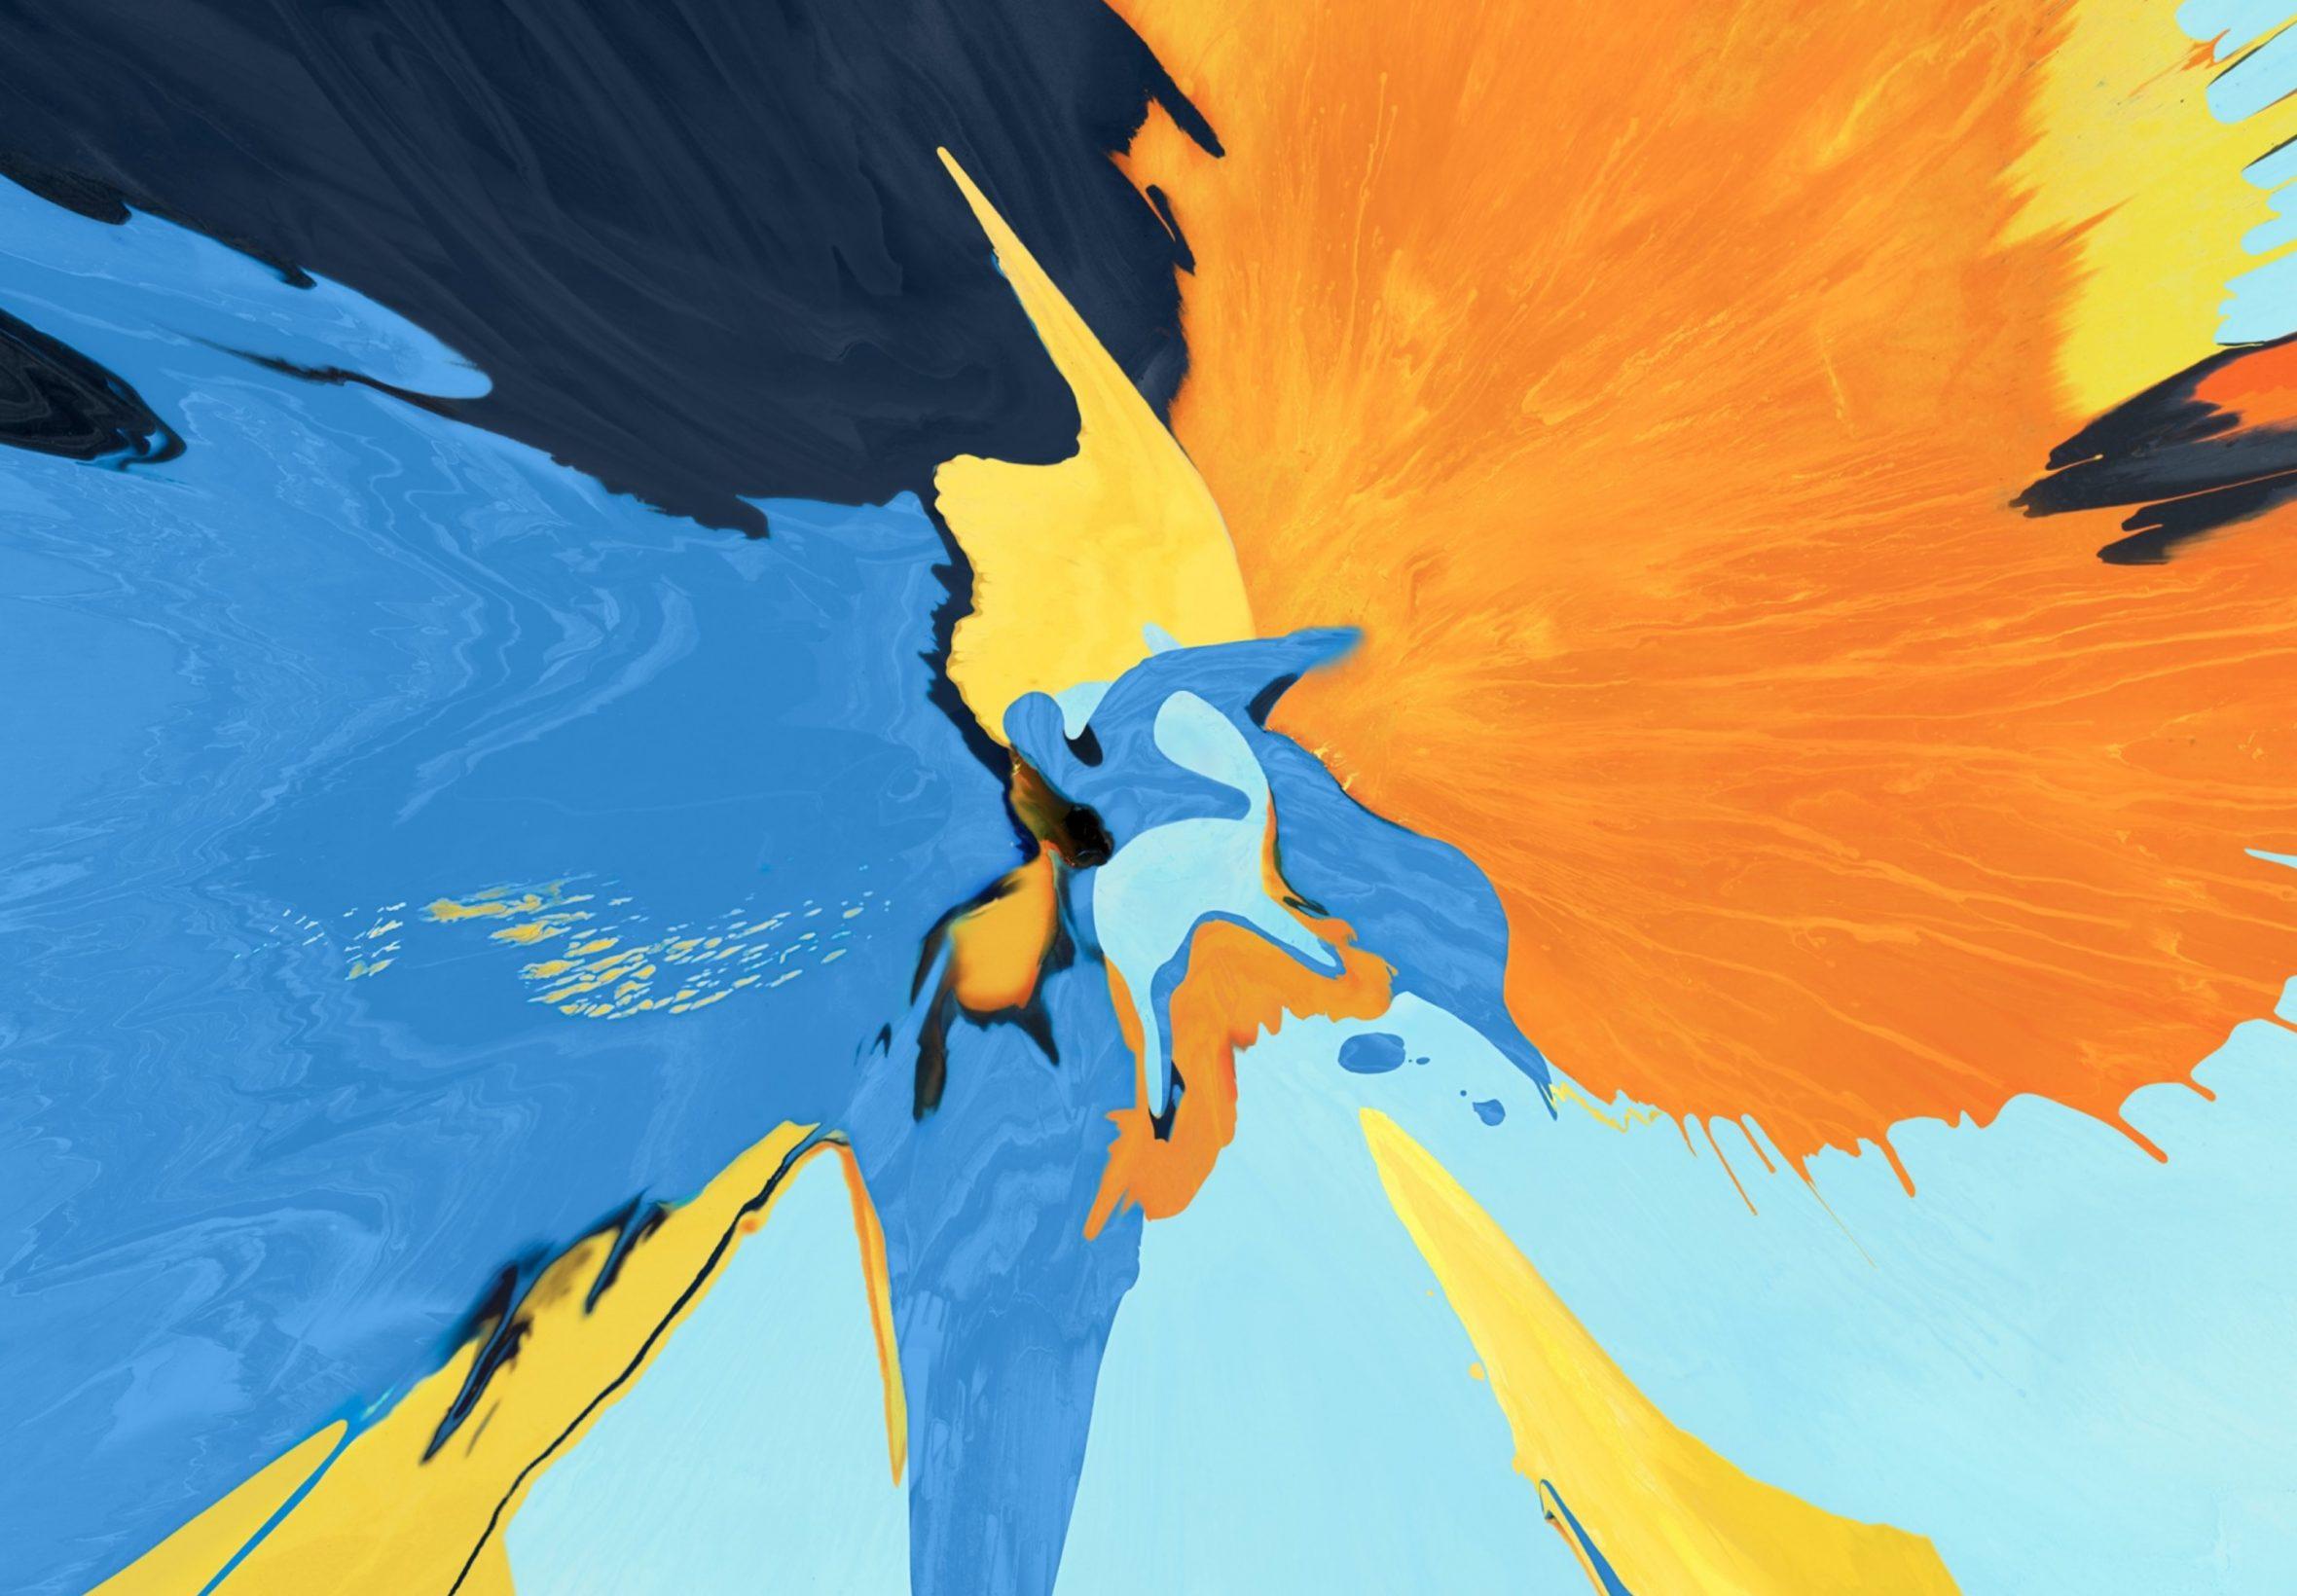 2360x1640 iPad Air wallpaper 4k Splash Blue Yellow Black Ipad Wallpaper 2360x1640 pixels resolution